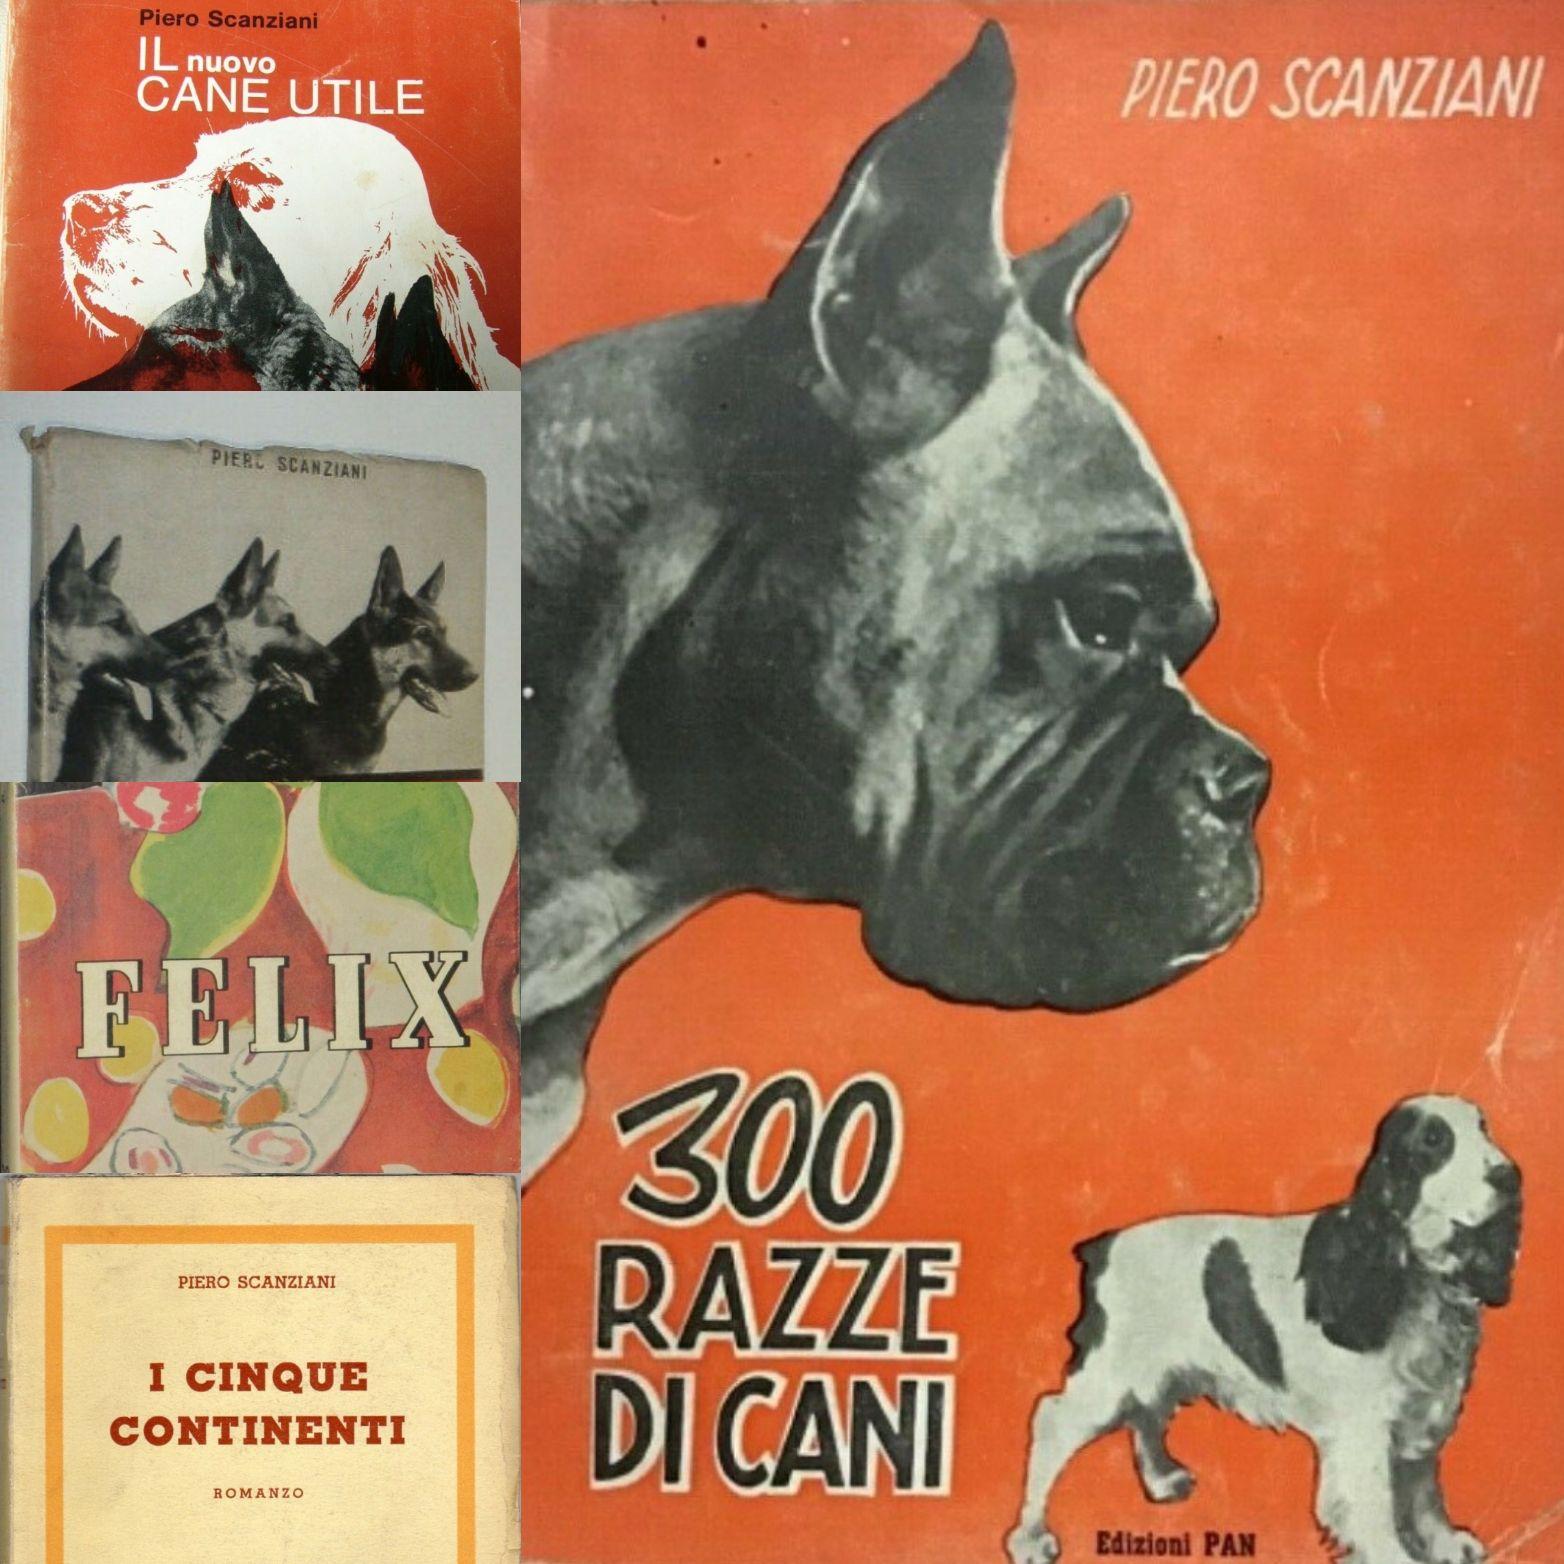 """""""Il nuovo cane utile"""" un altro libro cult di cinofilia, stavolta di Piero Scanziani!"""